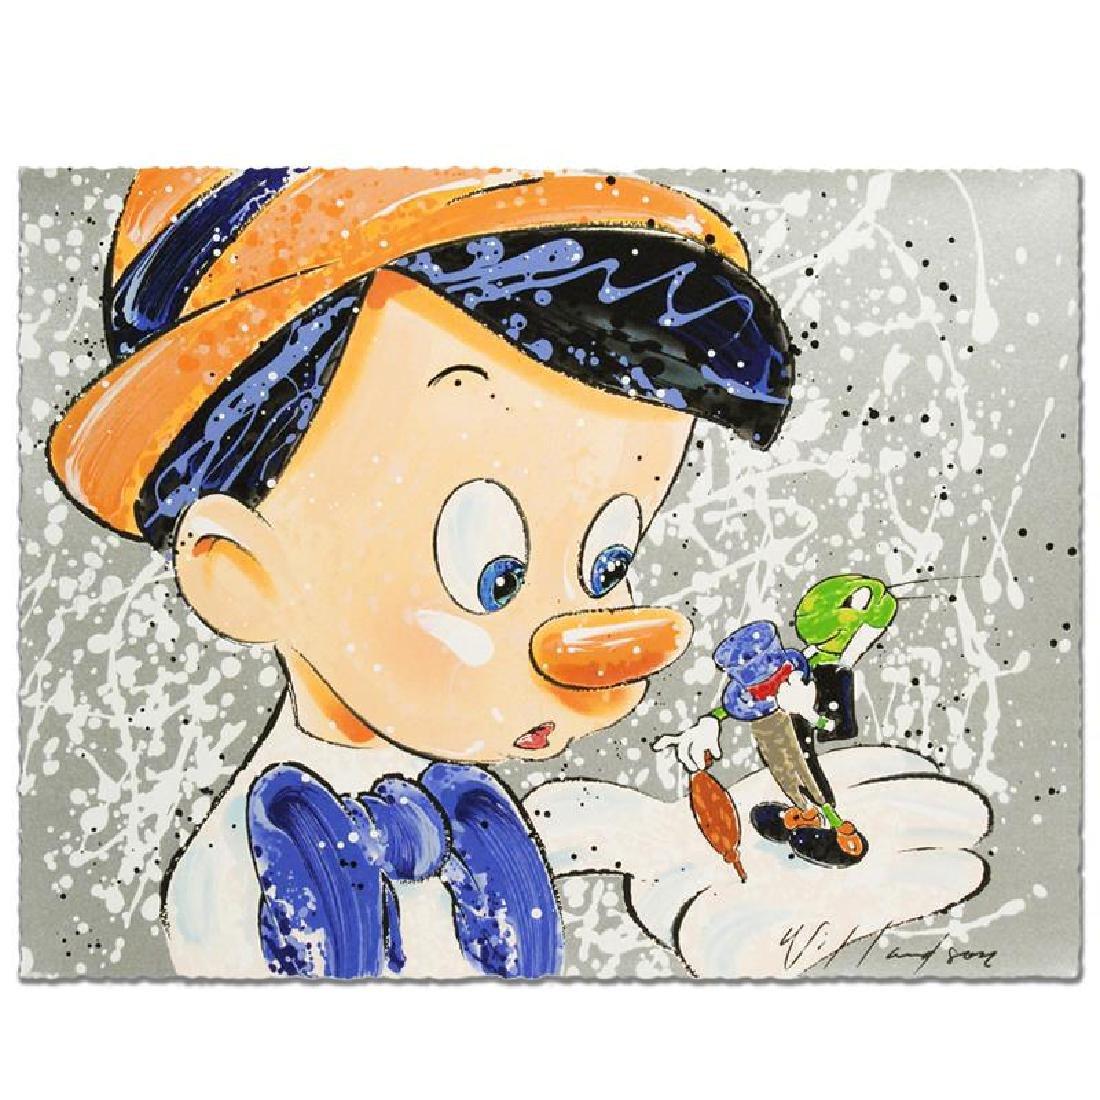 Boy Oh Boy Oh Boy Disney Limited Edition Serigraph by - 4